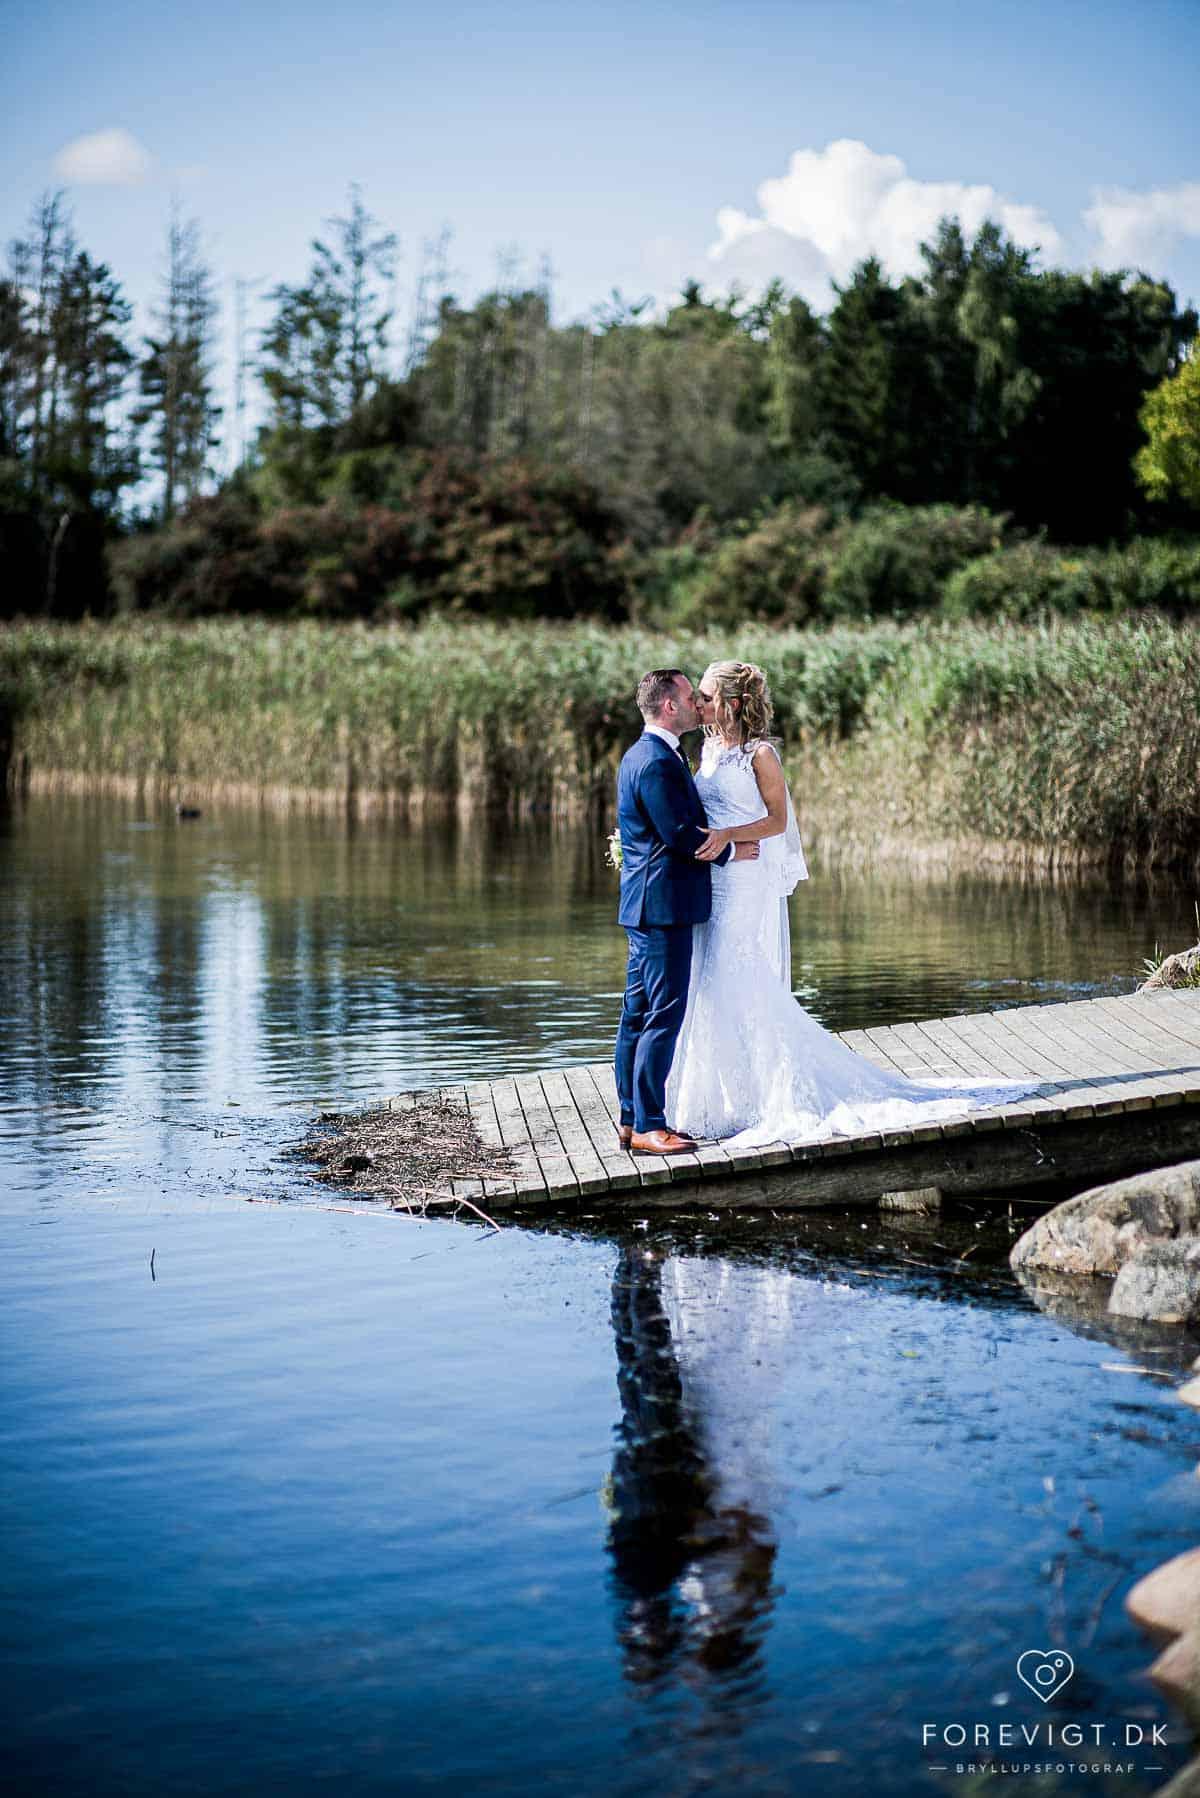 Få en uforglemmelig oplevelse og hold jeres bryllup på den smukke Roskilde